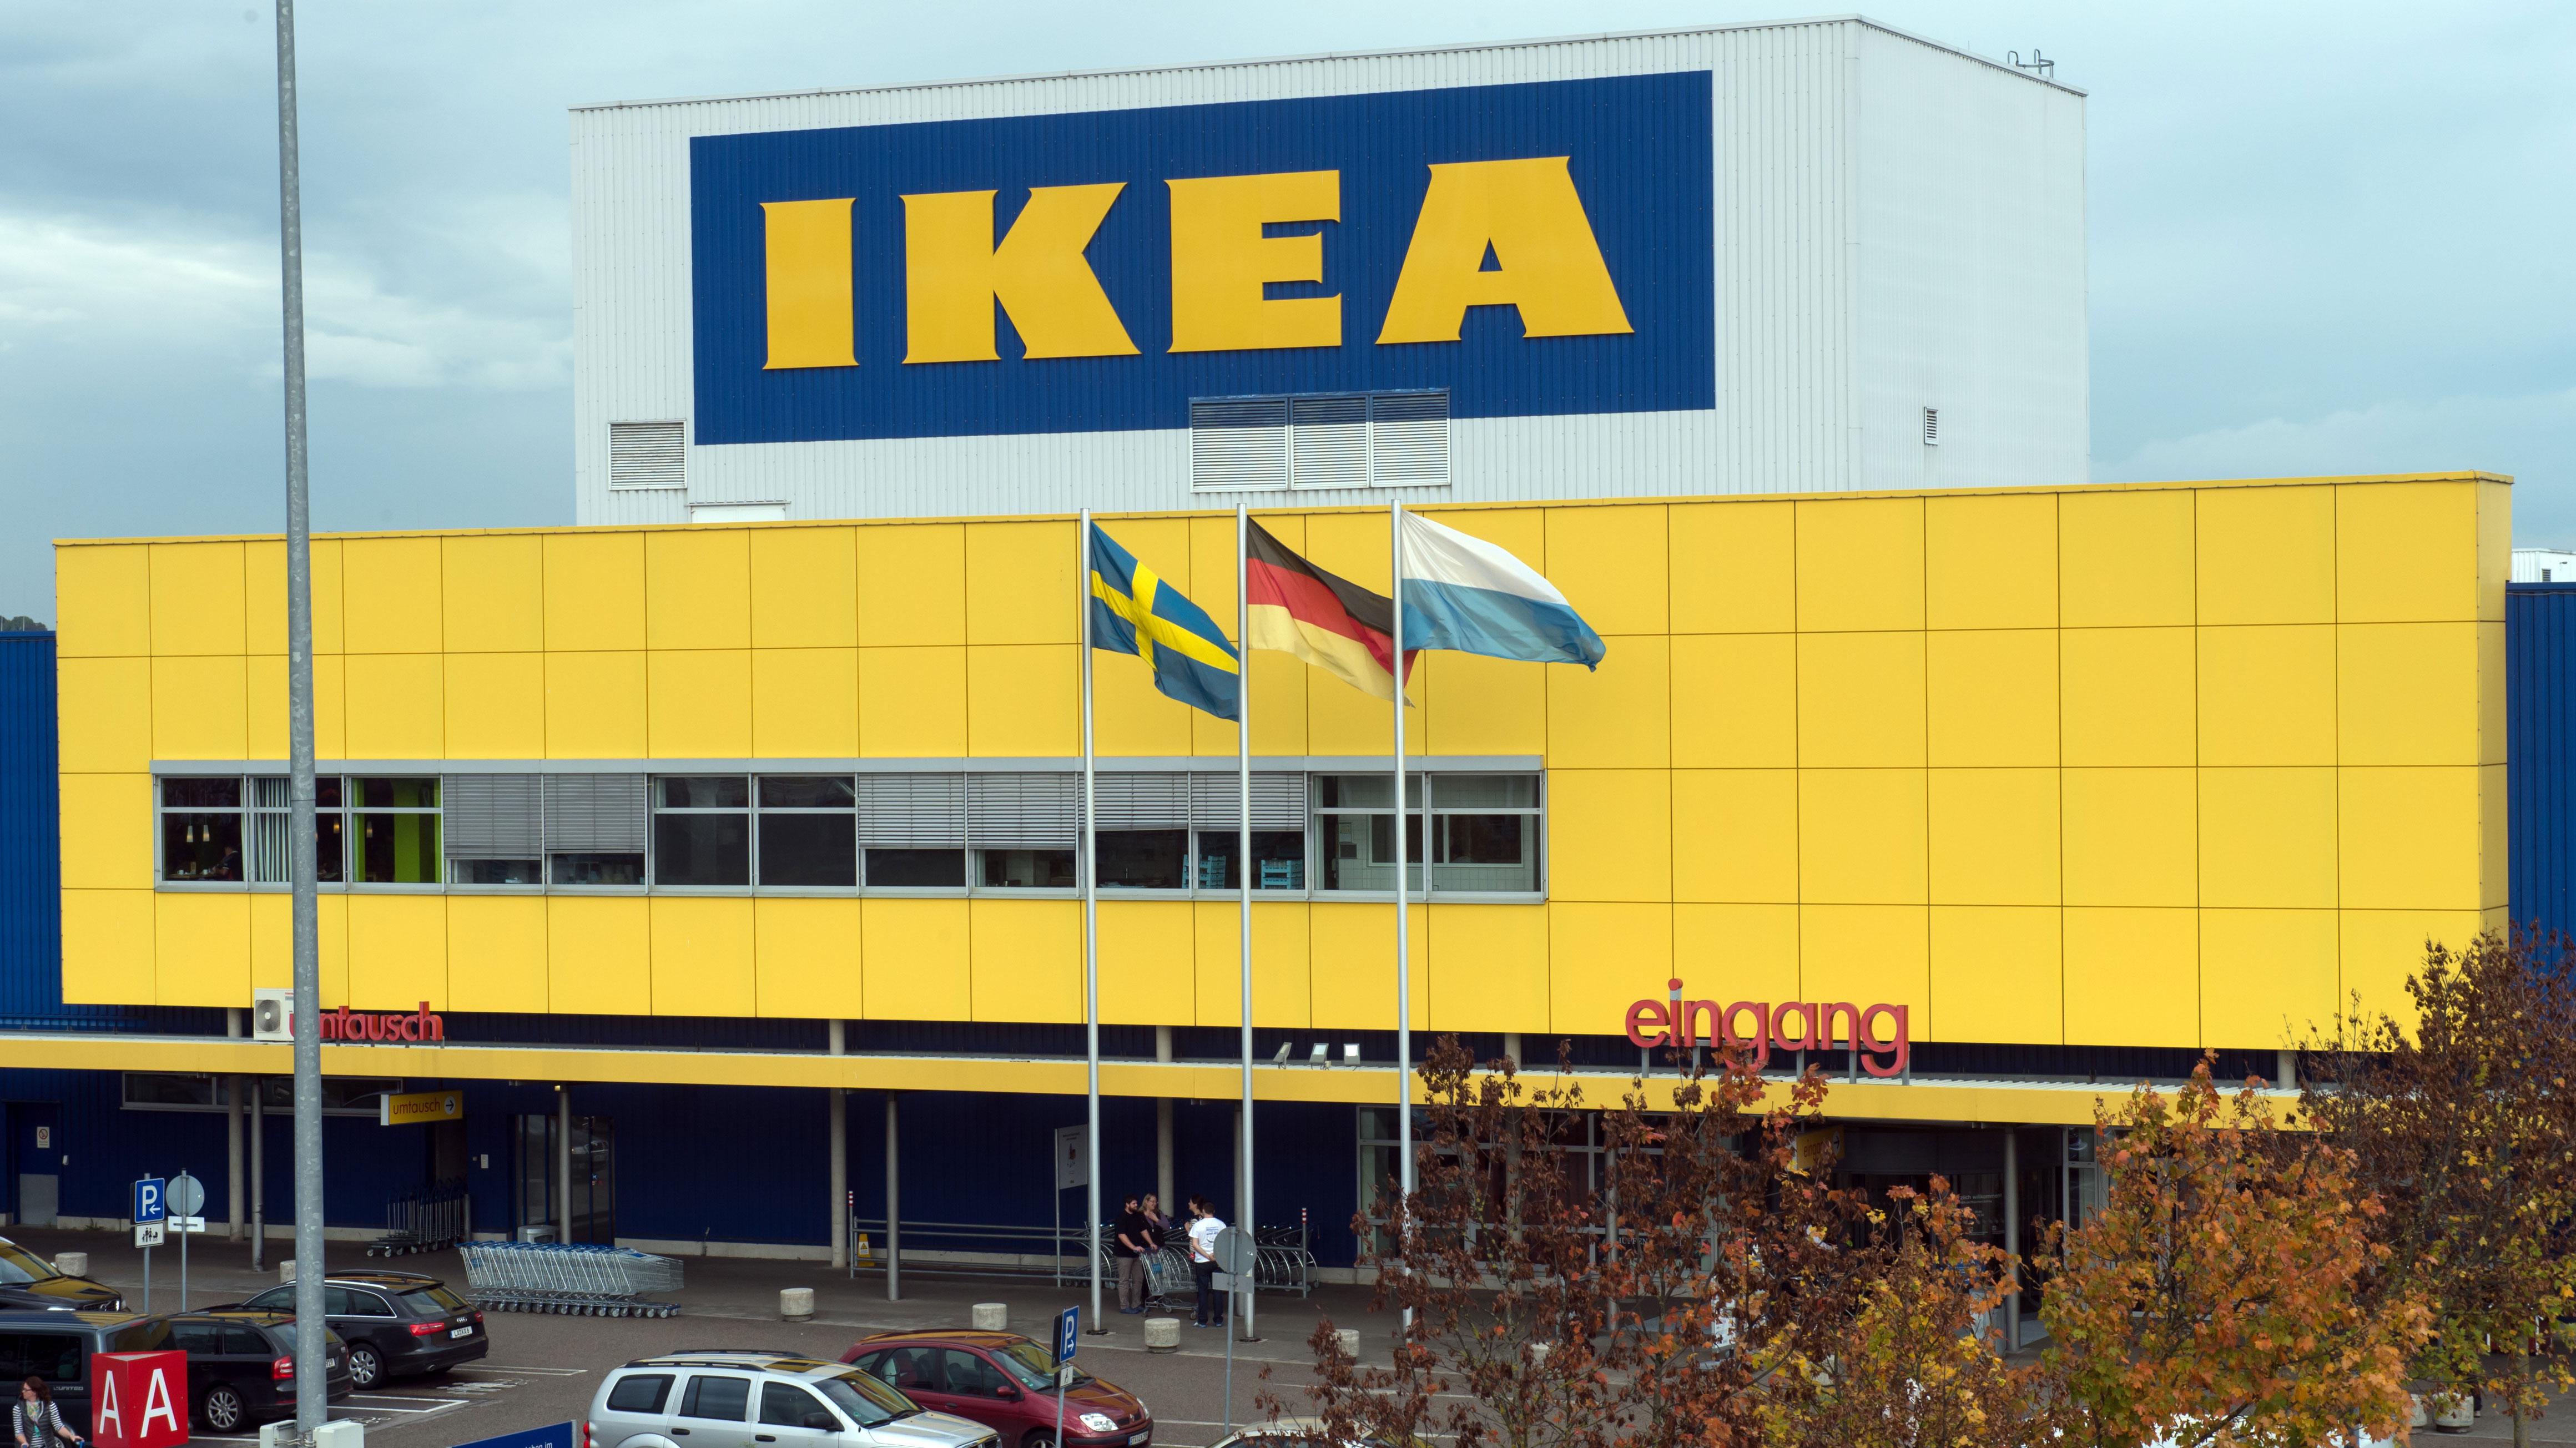 Ikea Das Erste Begehbare Wohnmagazin Deutschlands Ist Da